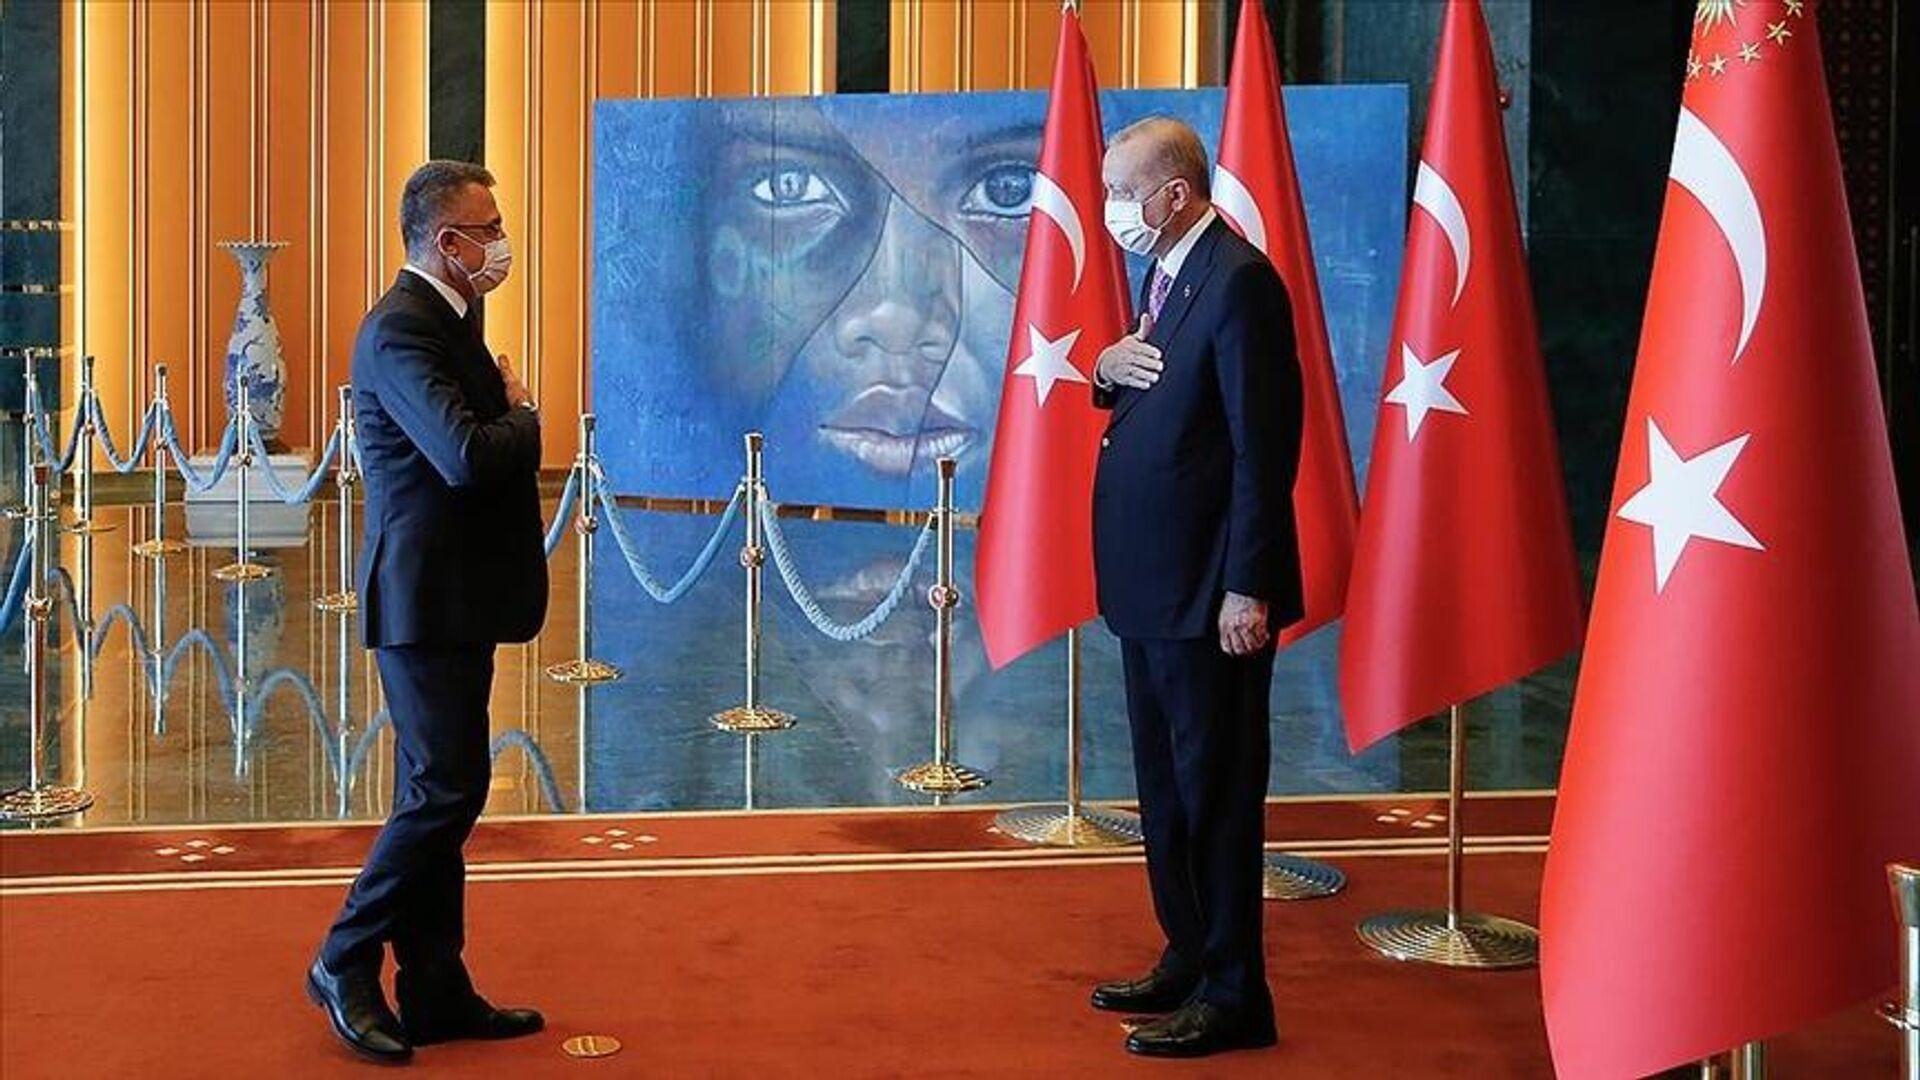 Cumhurbaşkanı Erdoğan, Zafer Bayramı tebriklerini 'Mülteci Çocuk' tablosu önünde kabul etti - Sputnik Türkiye, 1920, 30.08.2021